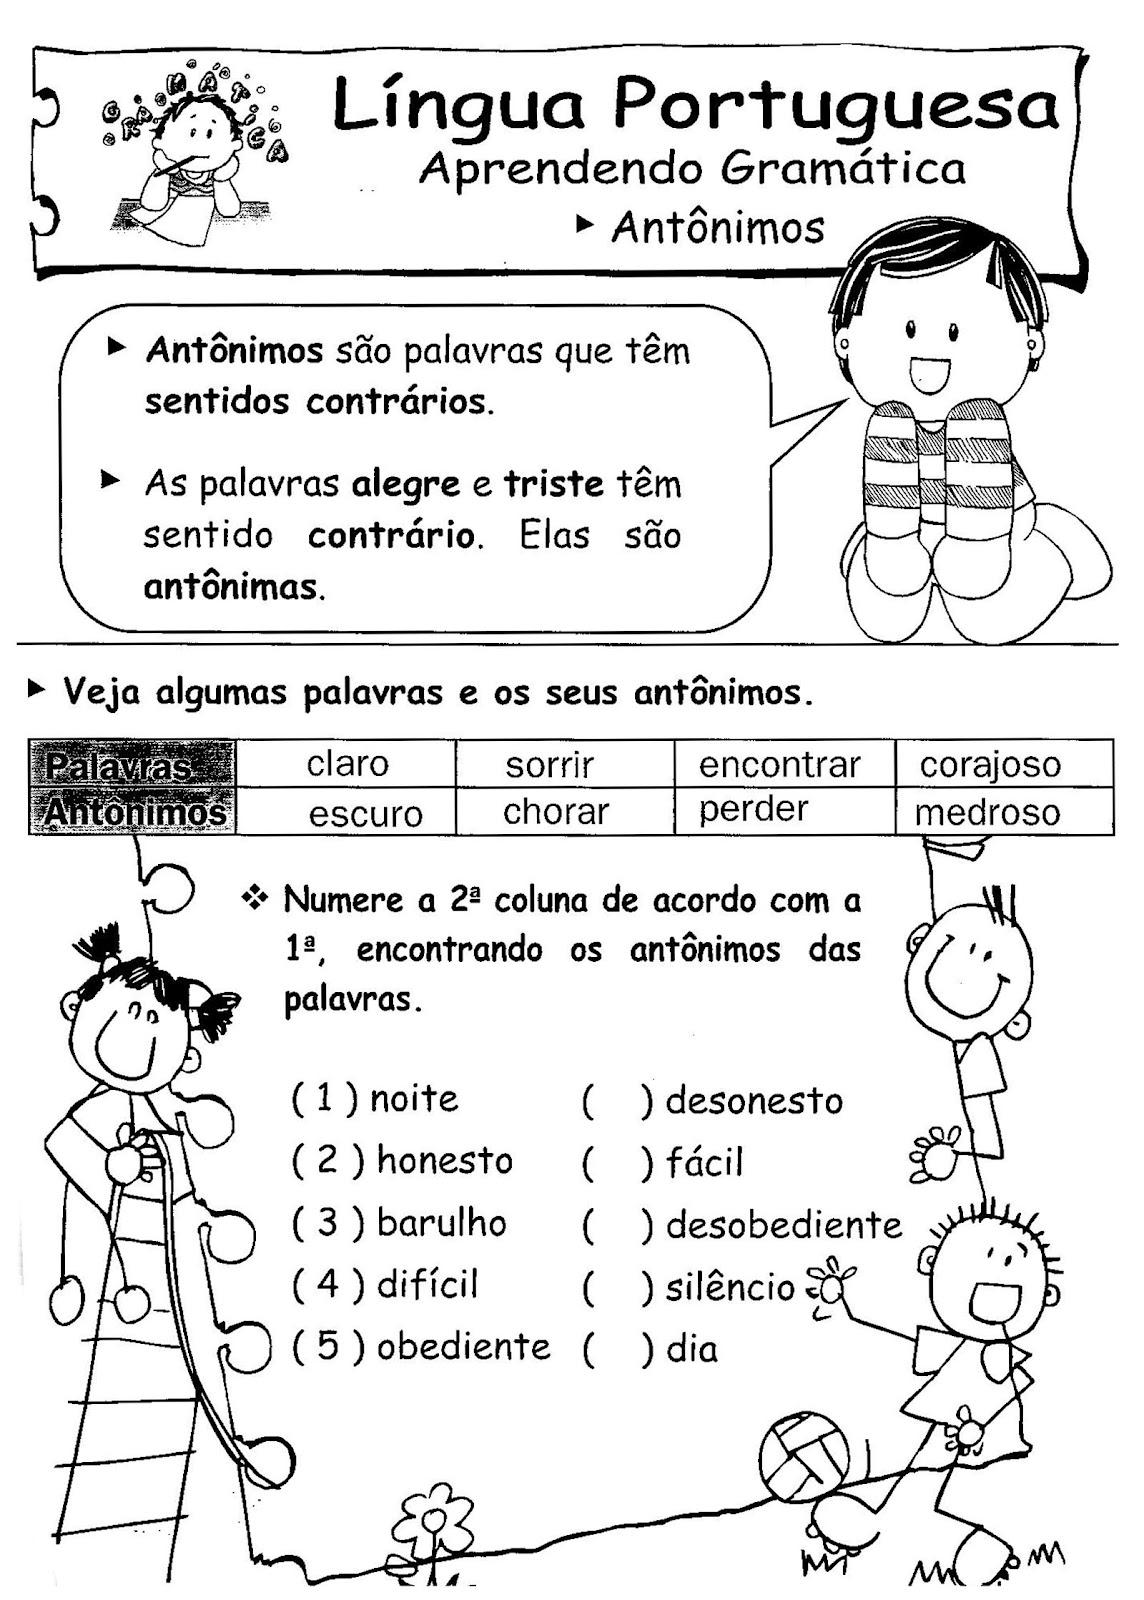 atividades-de-portugues-3-ano-antonimos